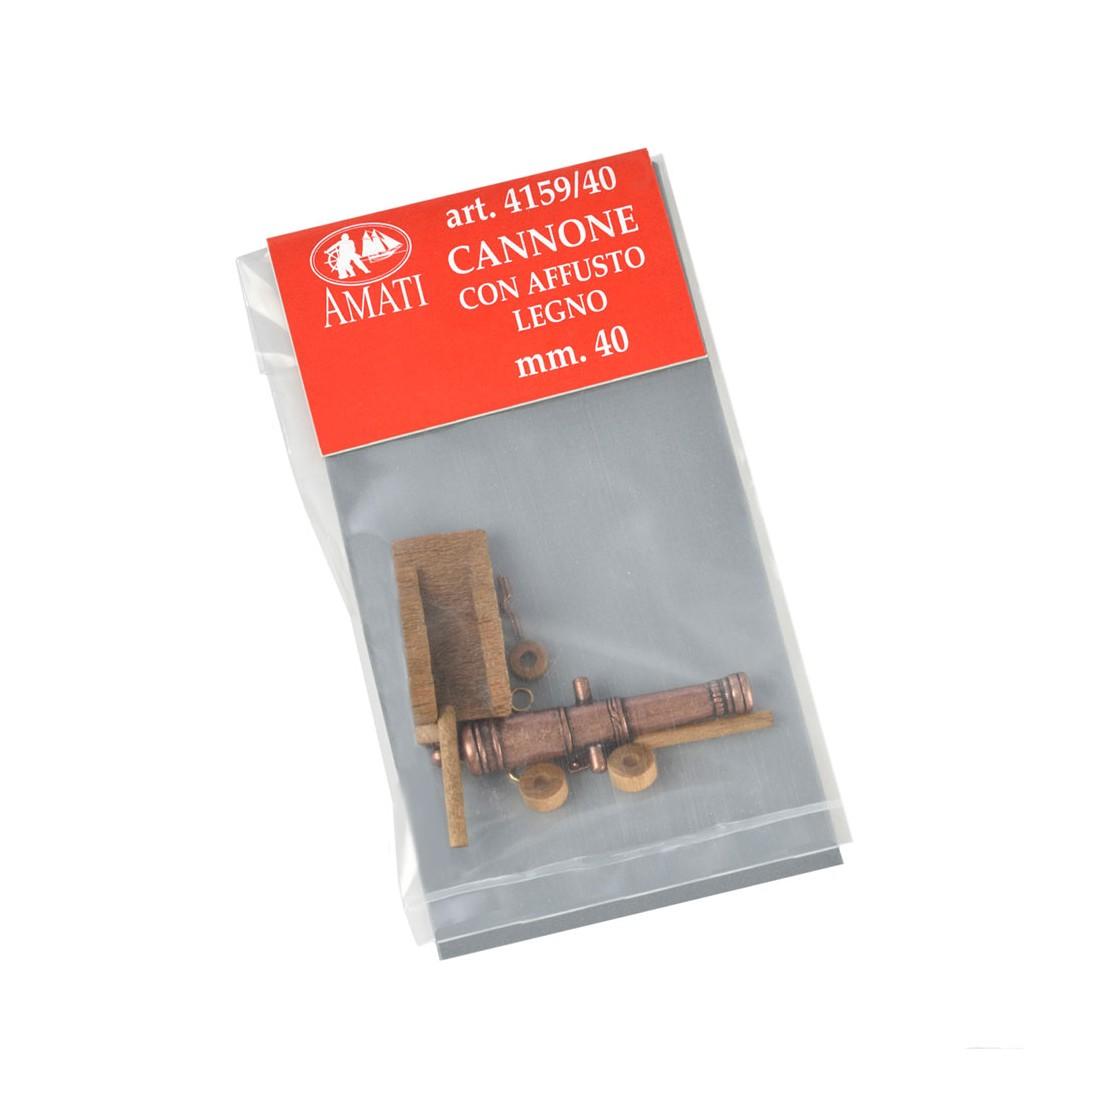 Cannoni affusto legno mm. 40